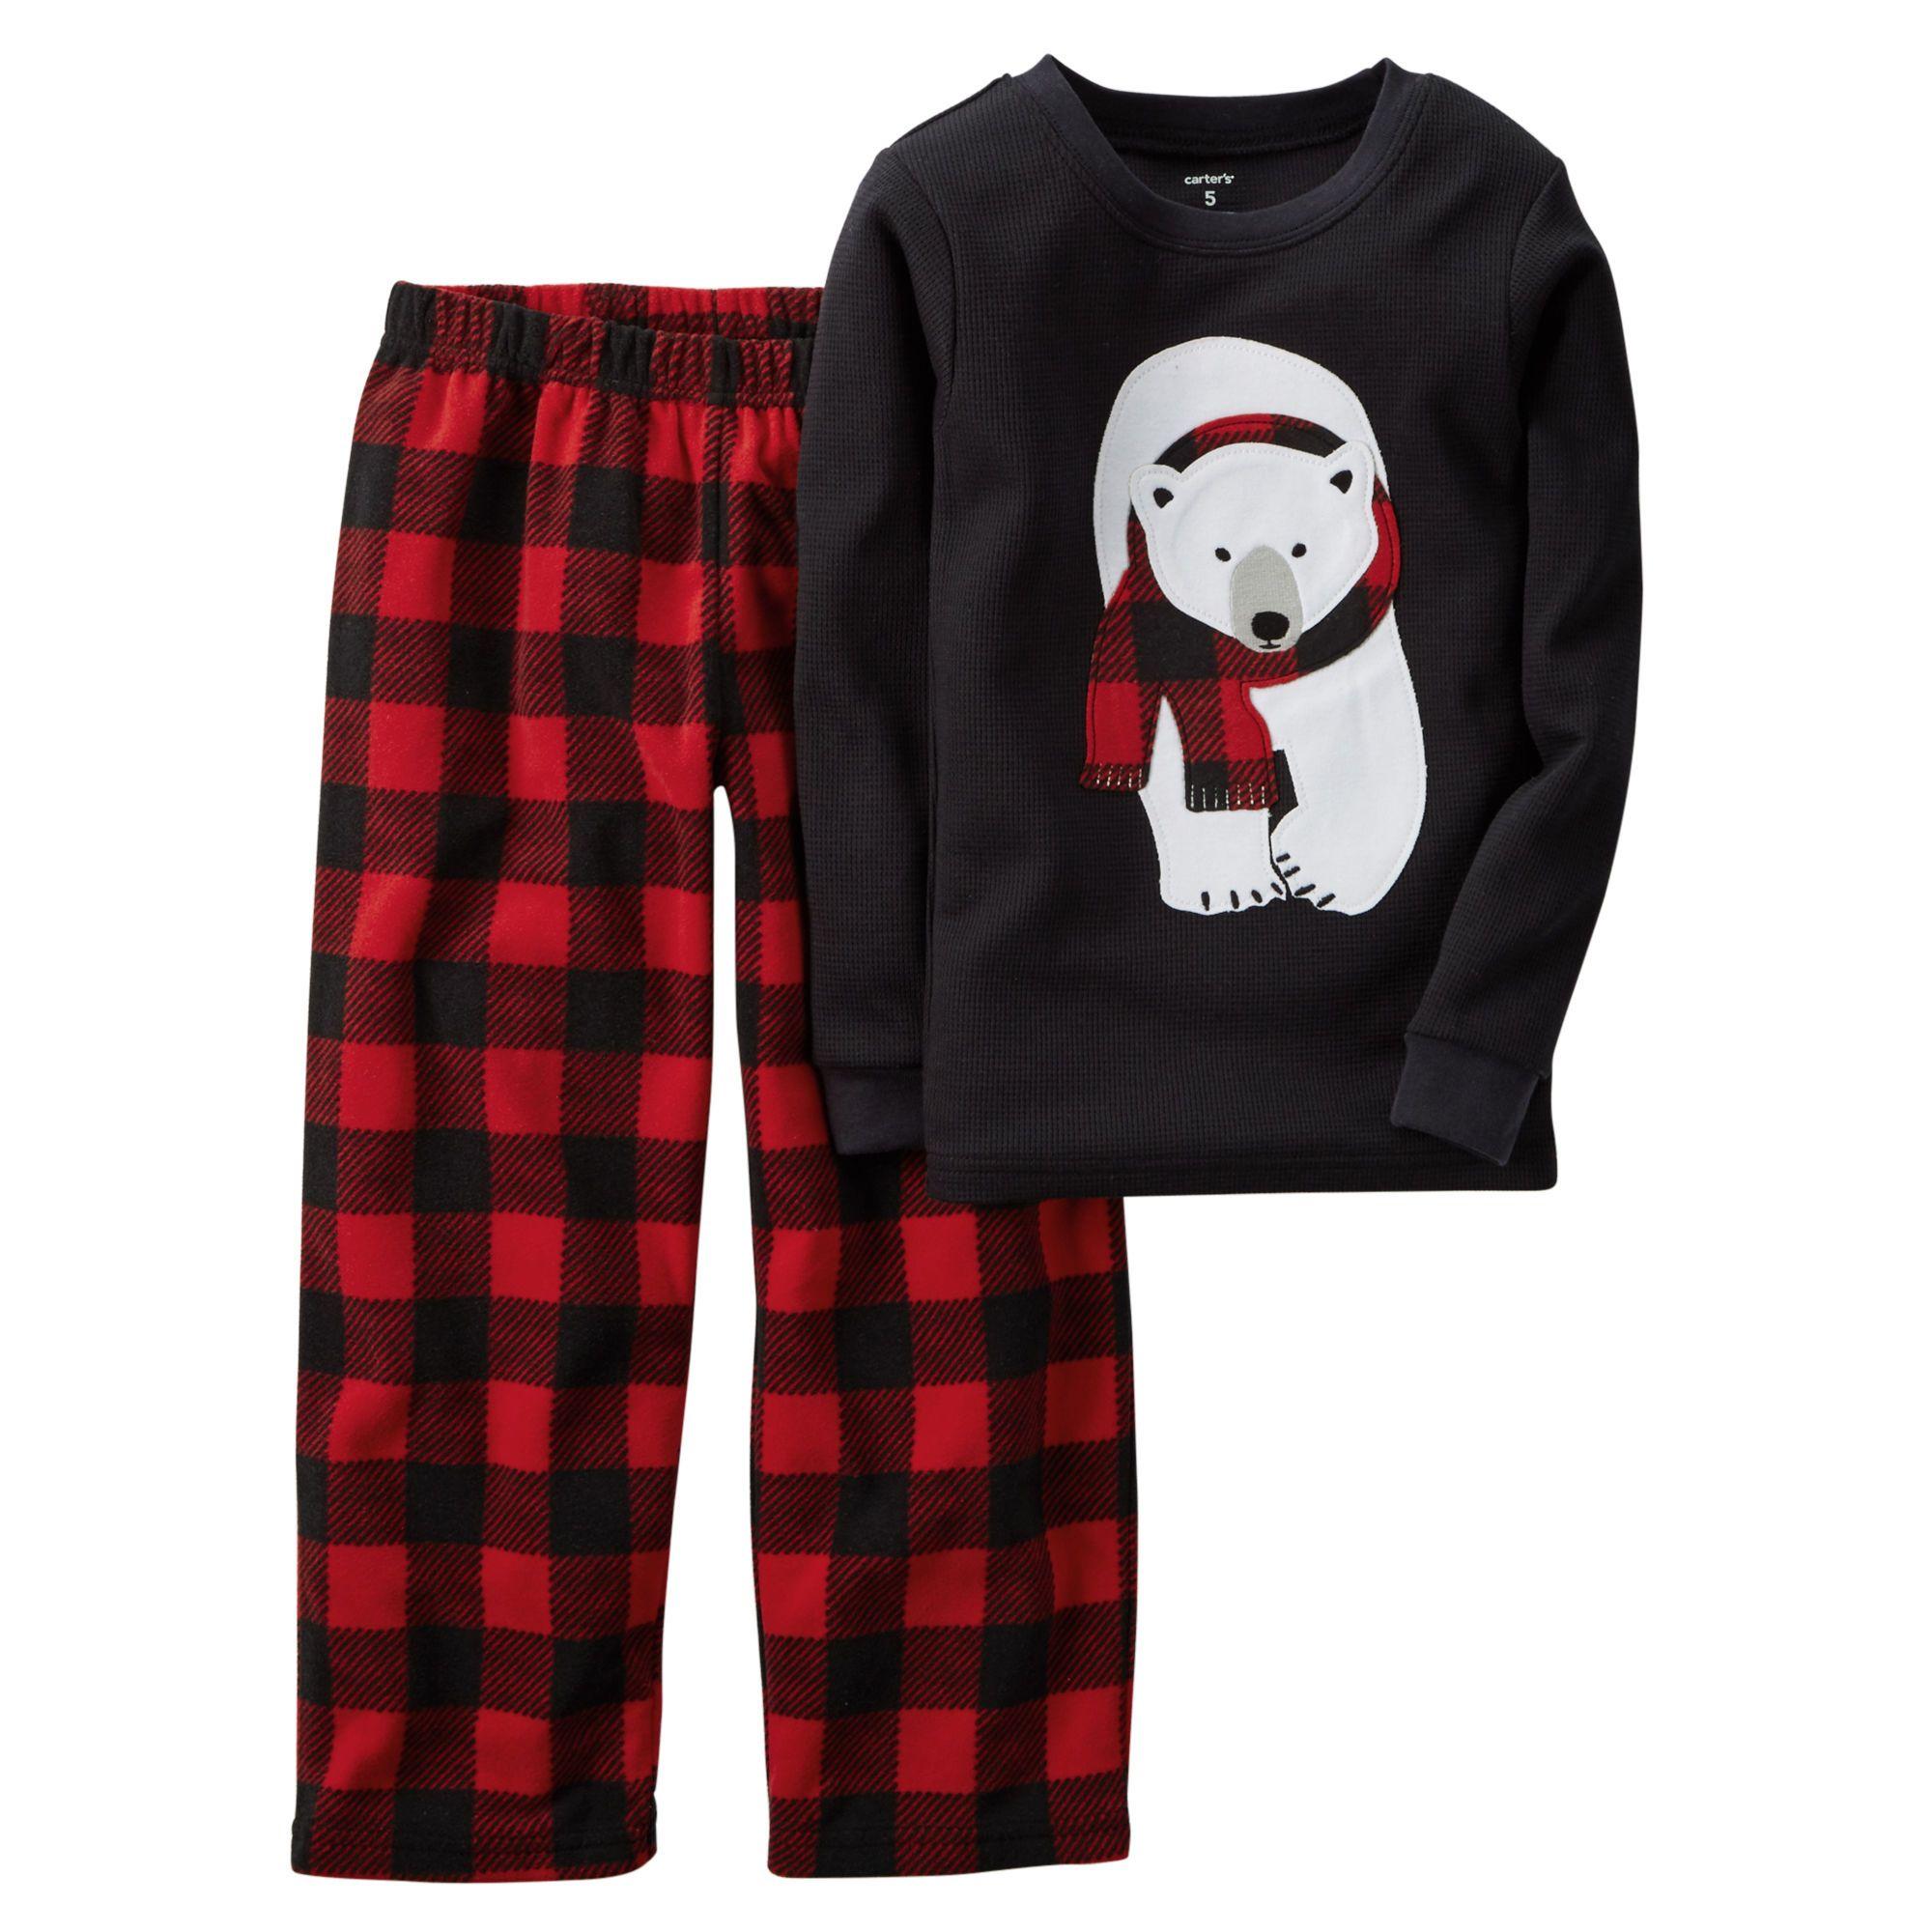 deb590a68 2-Piece Thermal & Fleece PJs | Everything baby | Boys pajamas ...